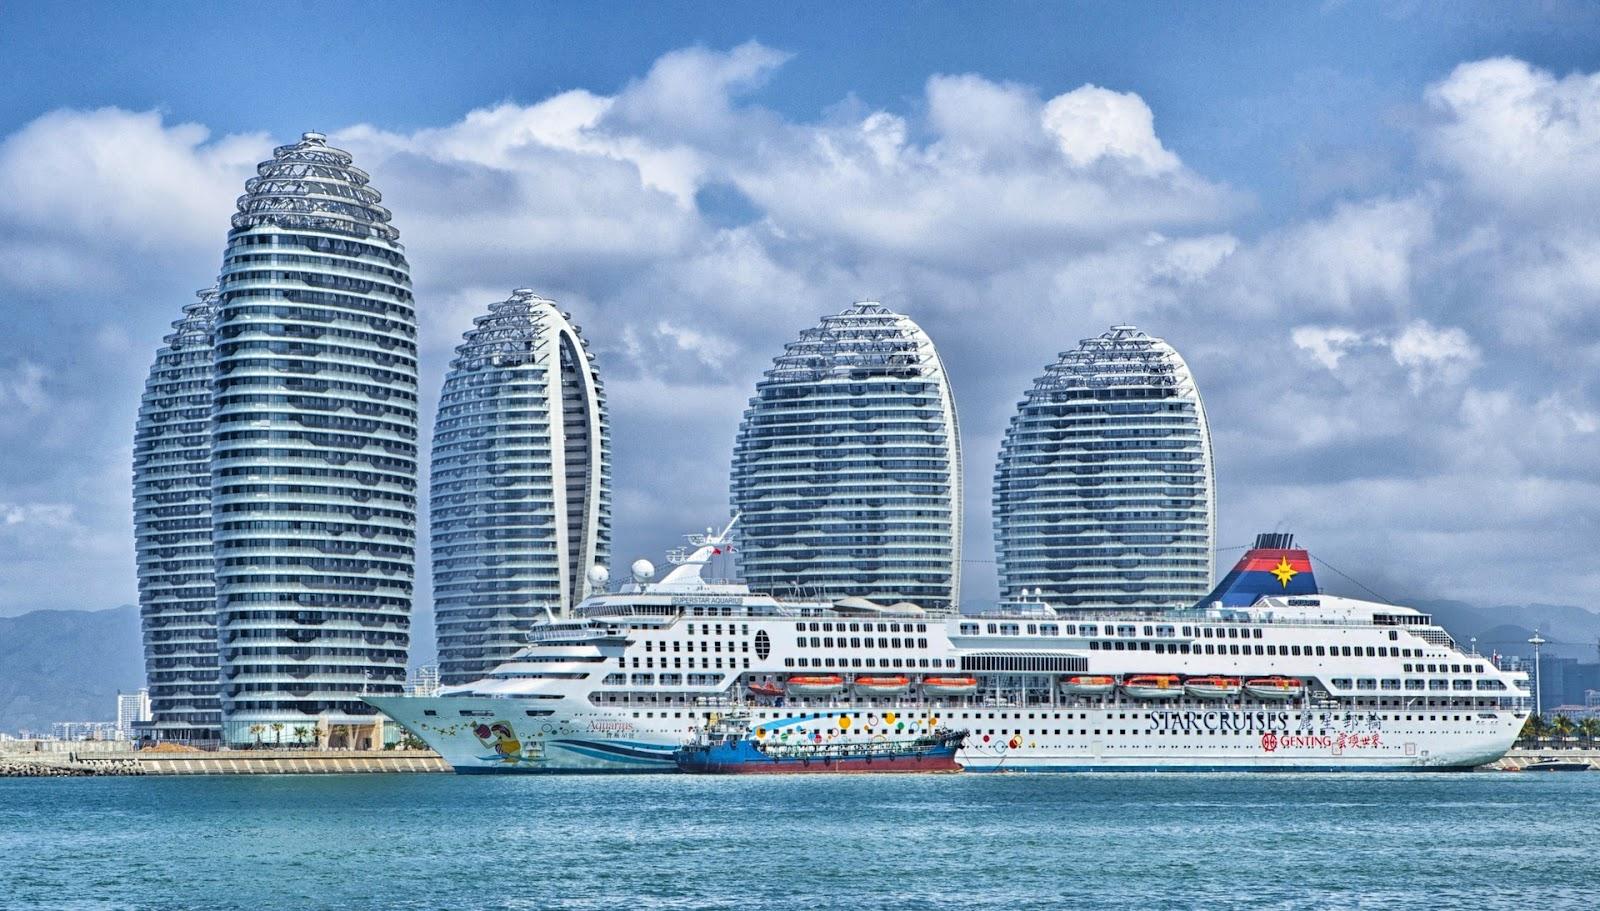 Arbeiten auf einem Cruise Ship - ein Traumjob?